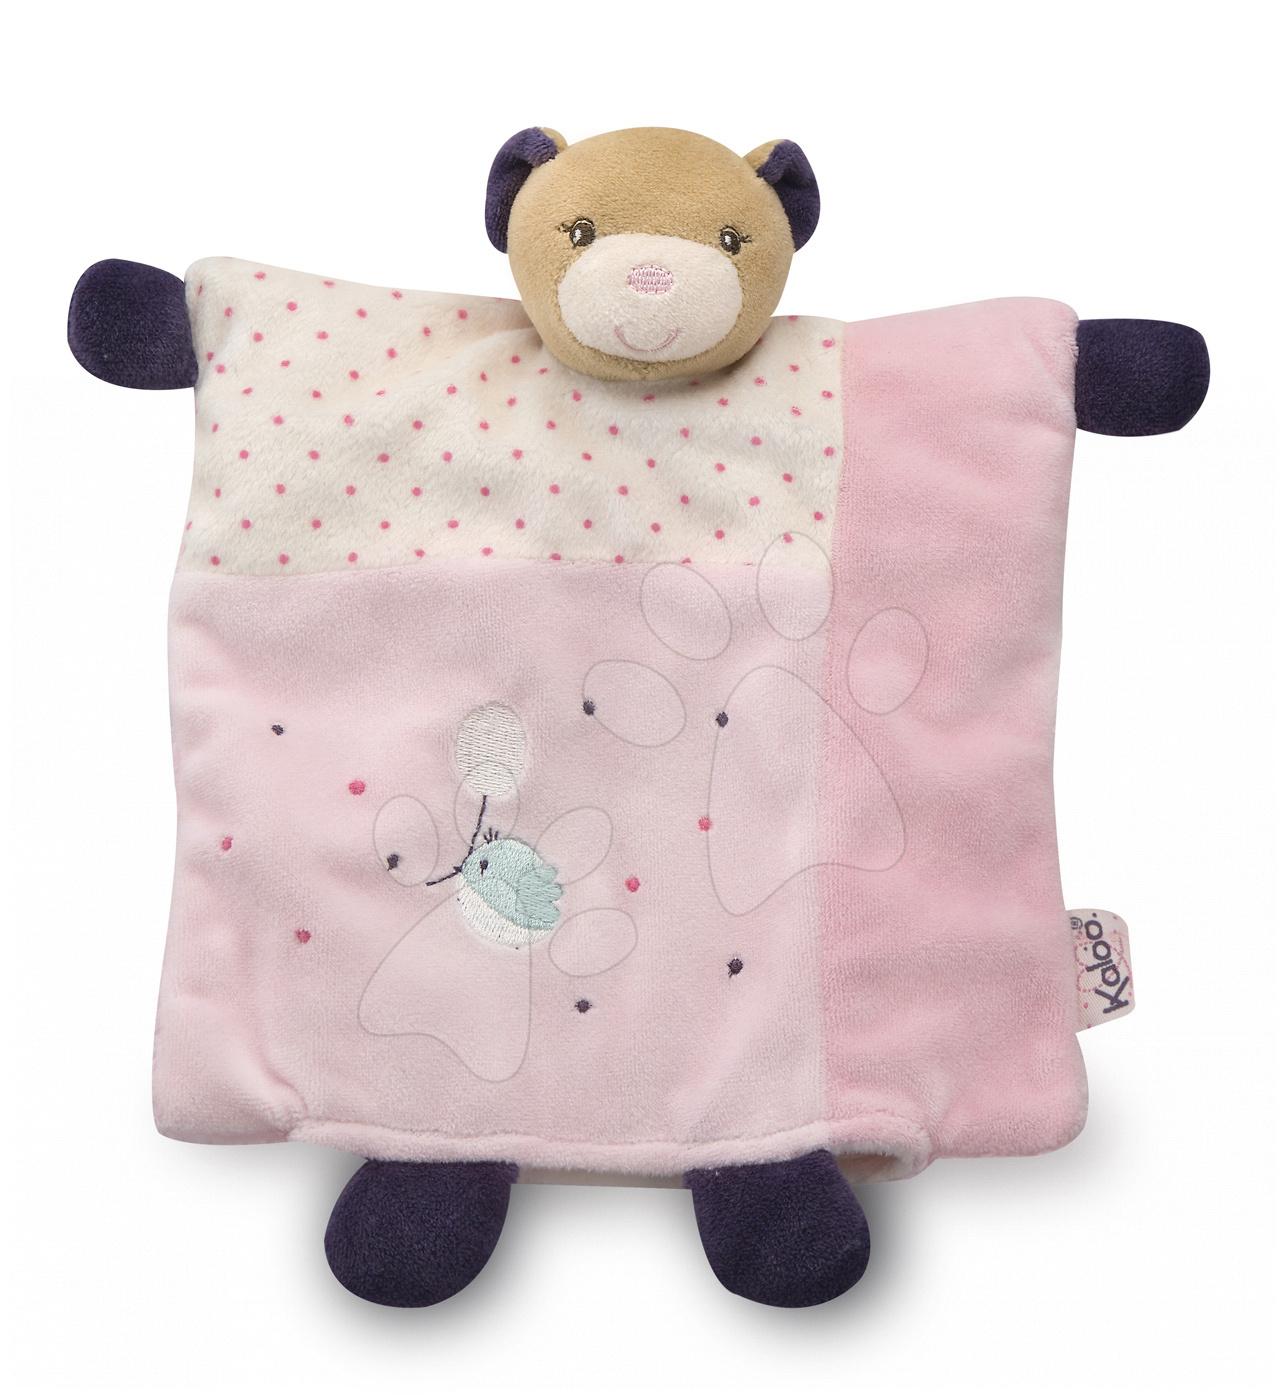 Plyšový medvídek loutkové divadlo Petite Rose-Doudou Pretty Bear Kaloo s kousátkem 20 cm v dárkovém balení pro nejmenší